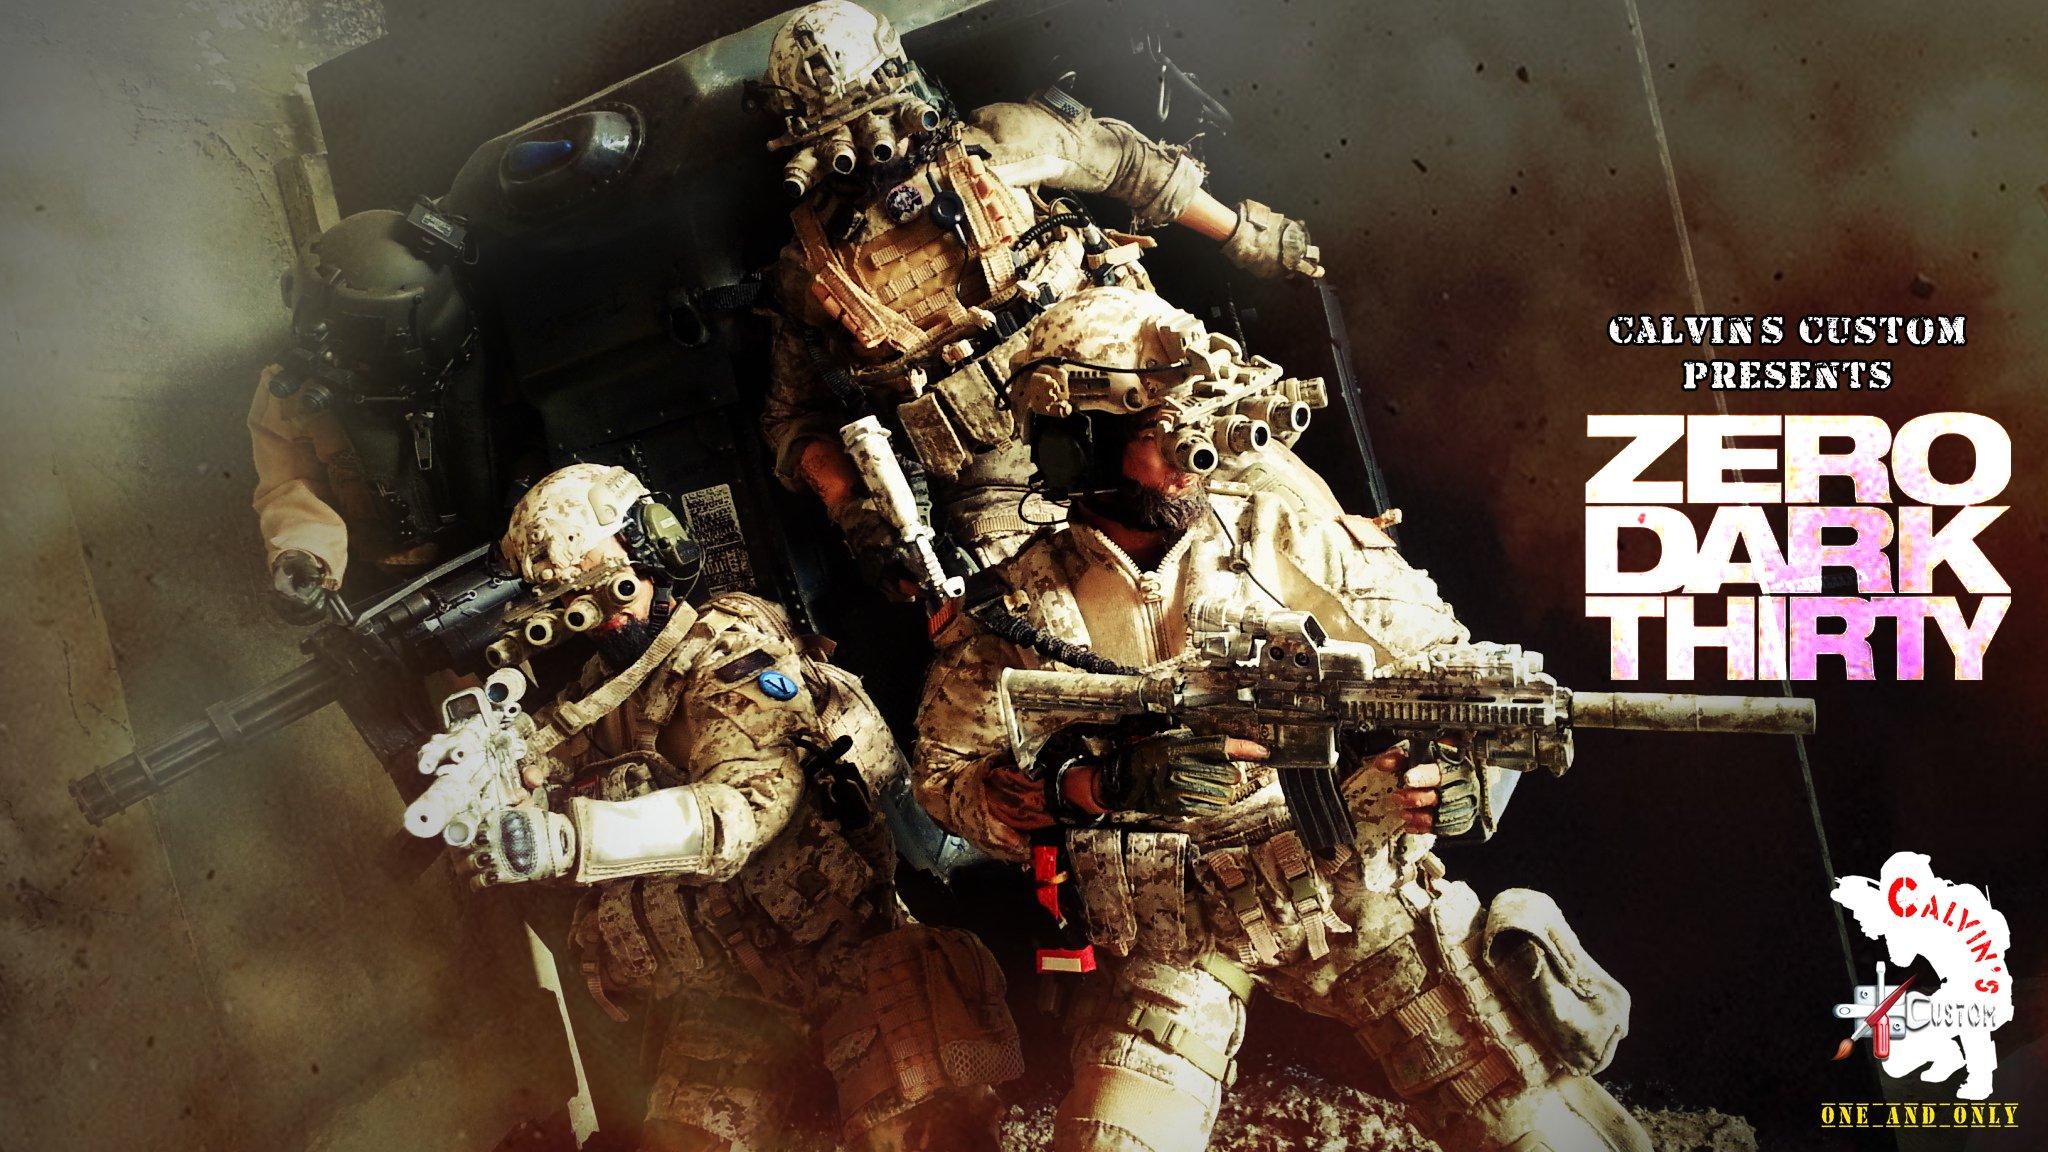 Zero Dark Thirty Drama History Military Thriller Weapon Gun Soldier